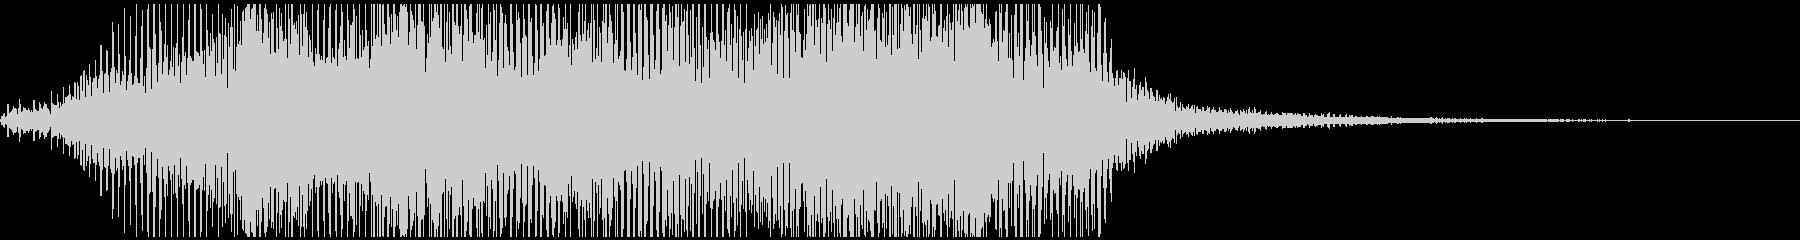 サウンドロゴ/トランスフォーマー調効果音の未再生の波形